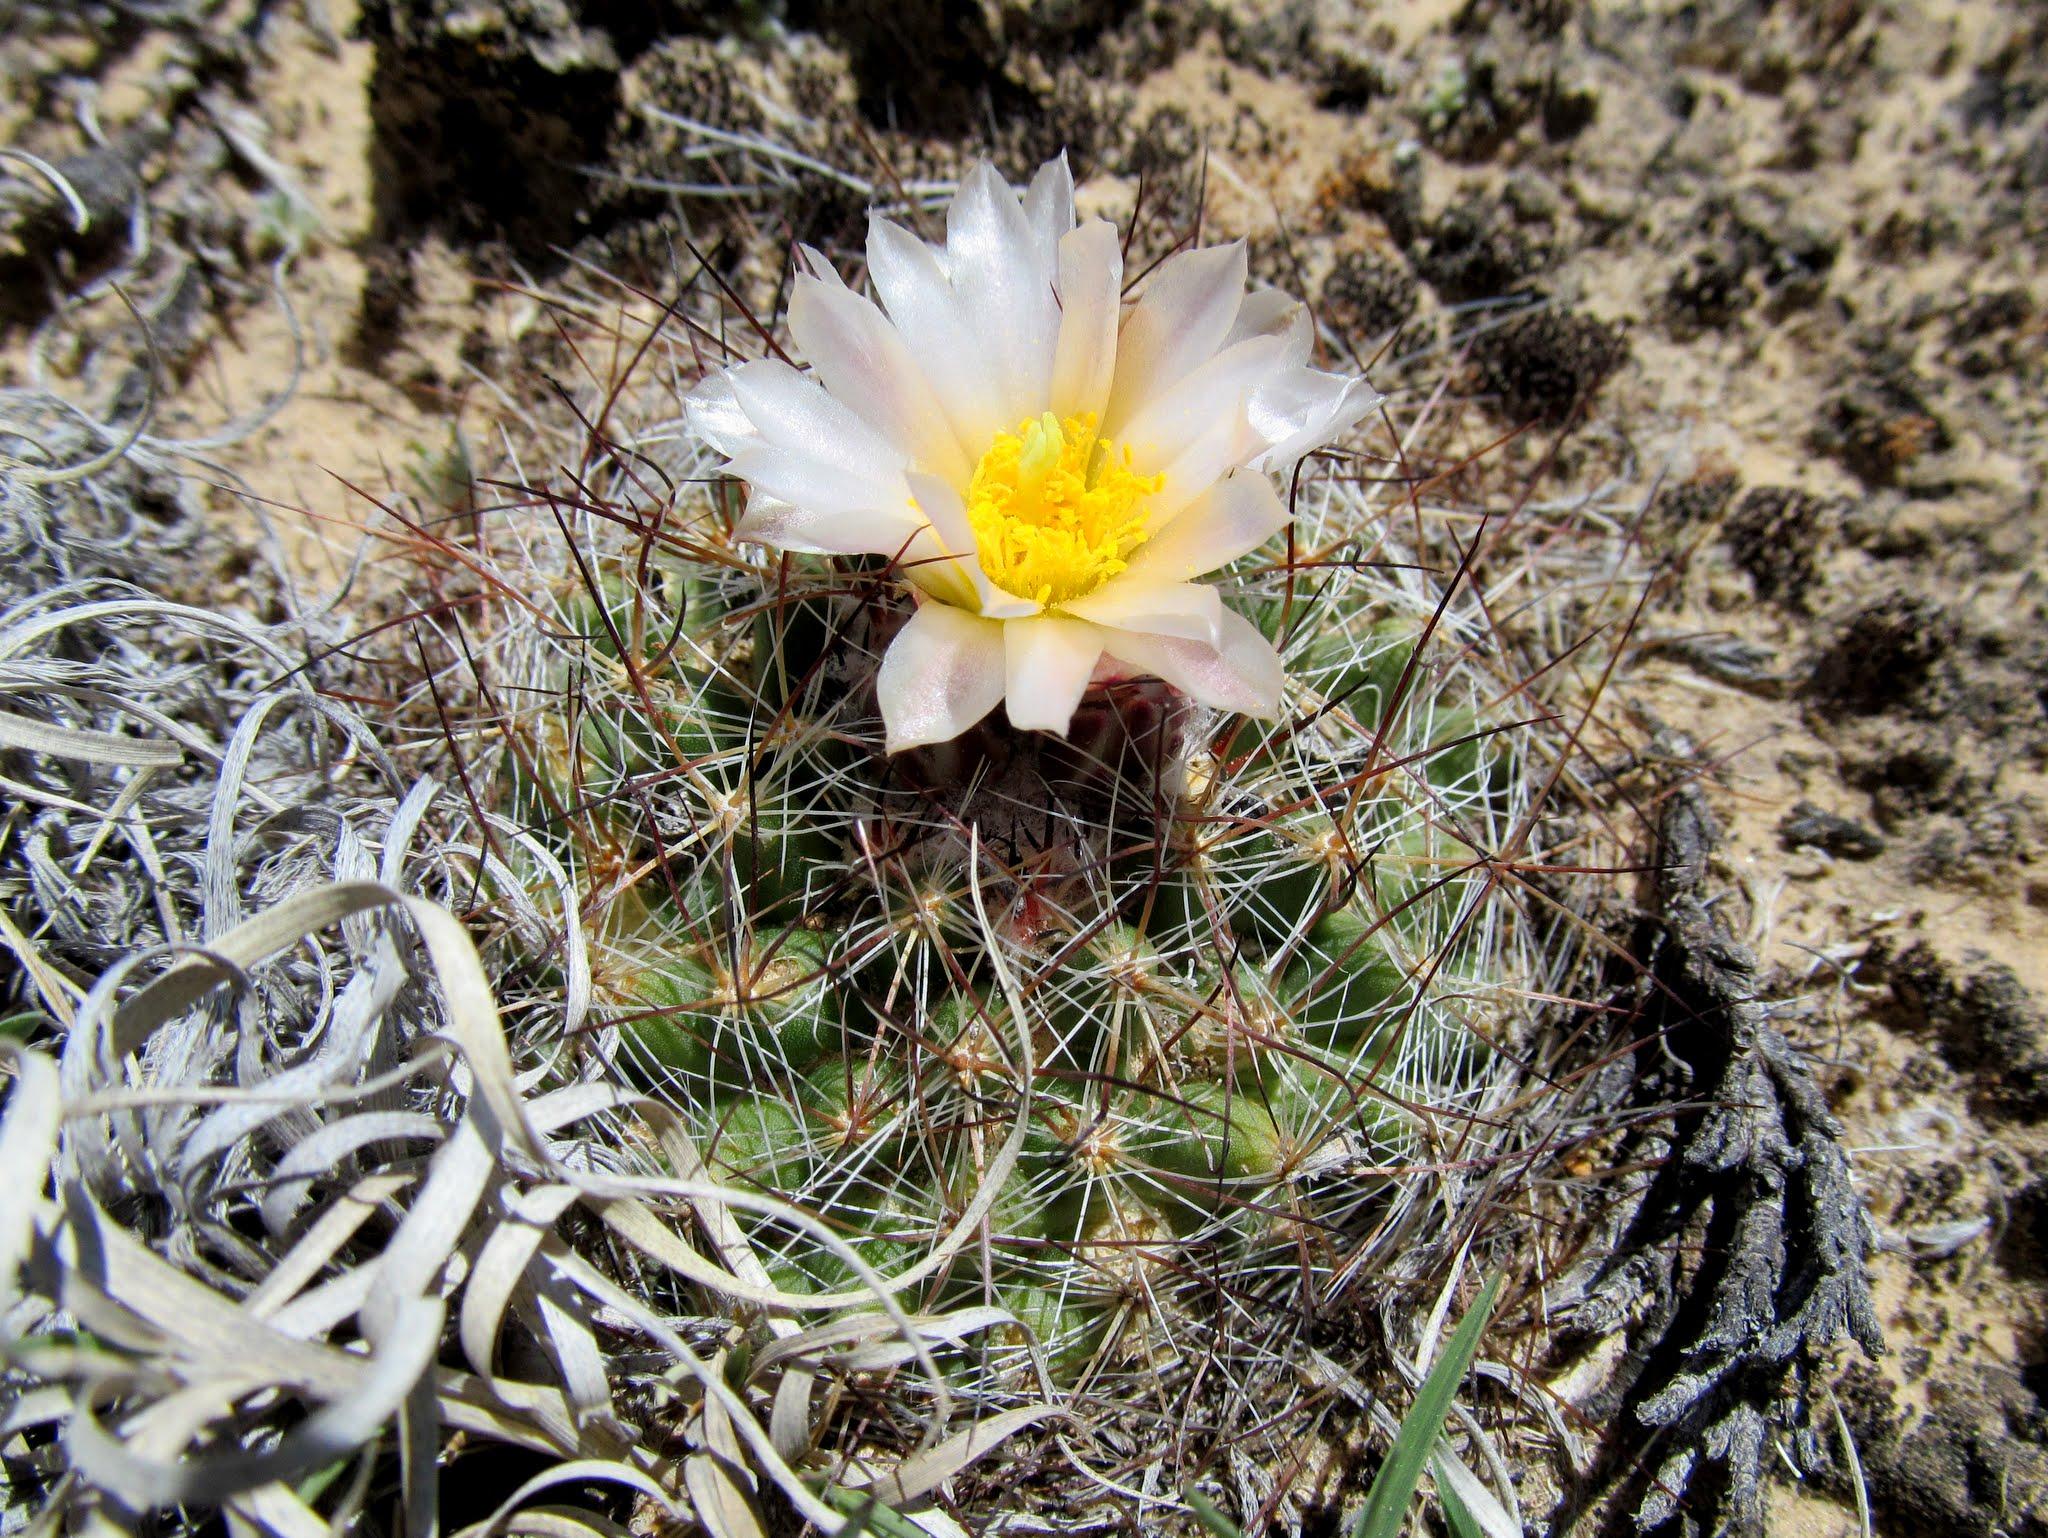 Photo: Cactus blooms